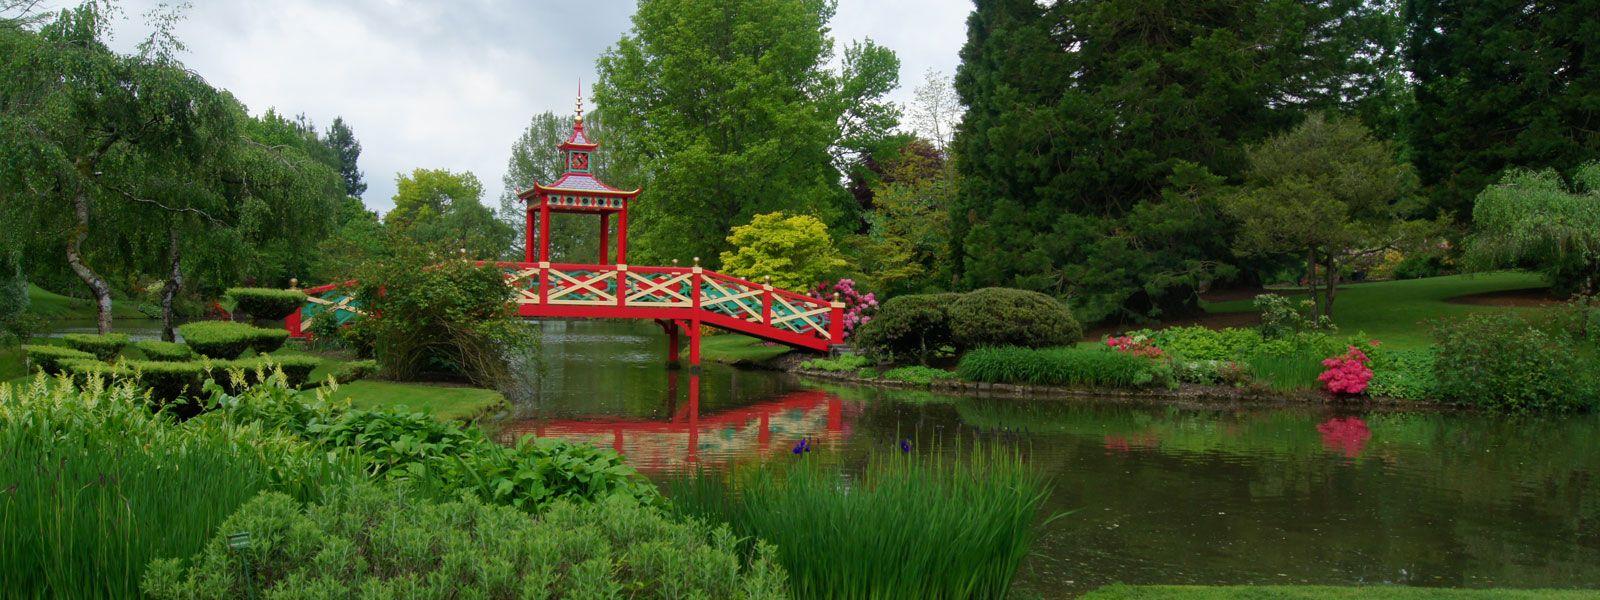 Jardins de curiosit s centre val de loire val de loire for Apremont sur allier jardin